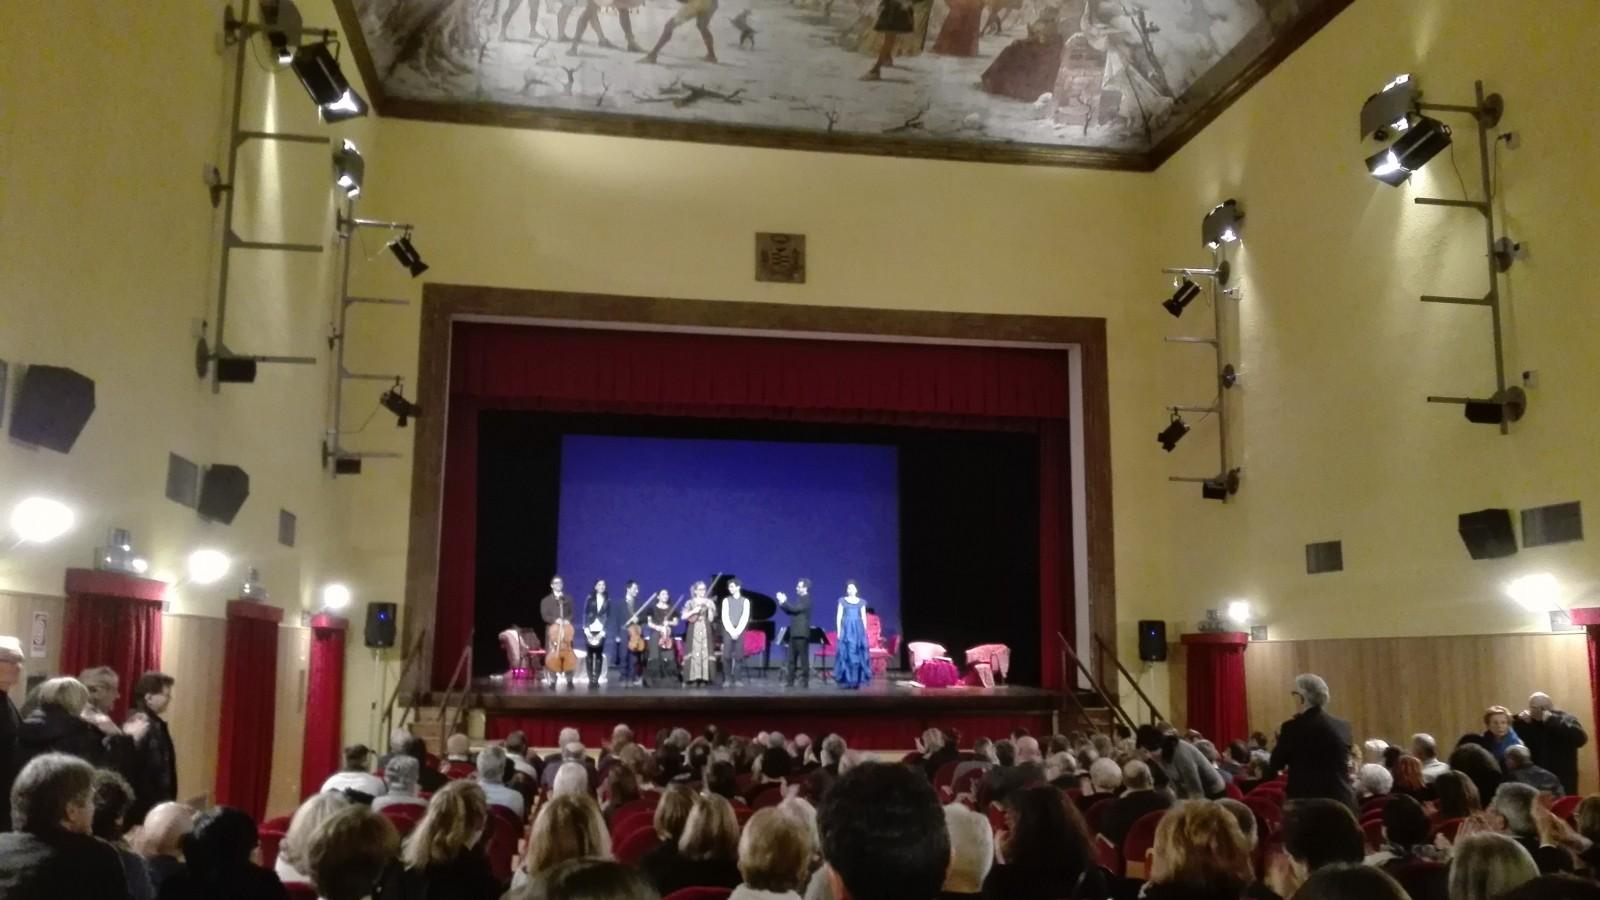 Salotto Di Romantica.Il Salotto Romantico Del Teatro Lirico Di Magenta Sempione